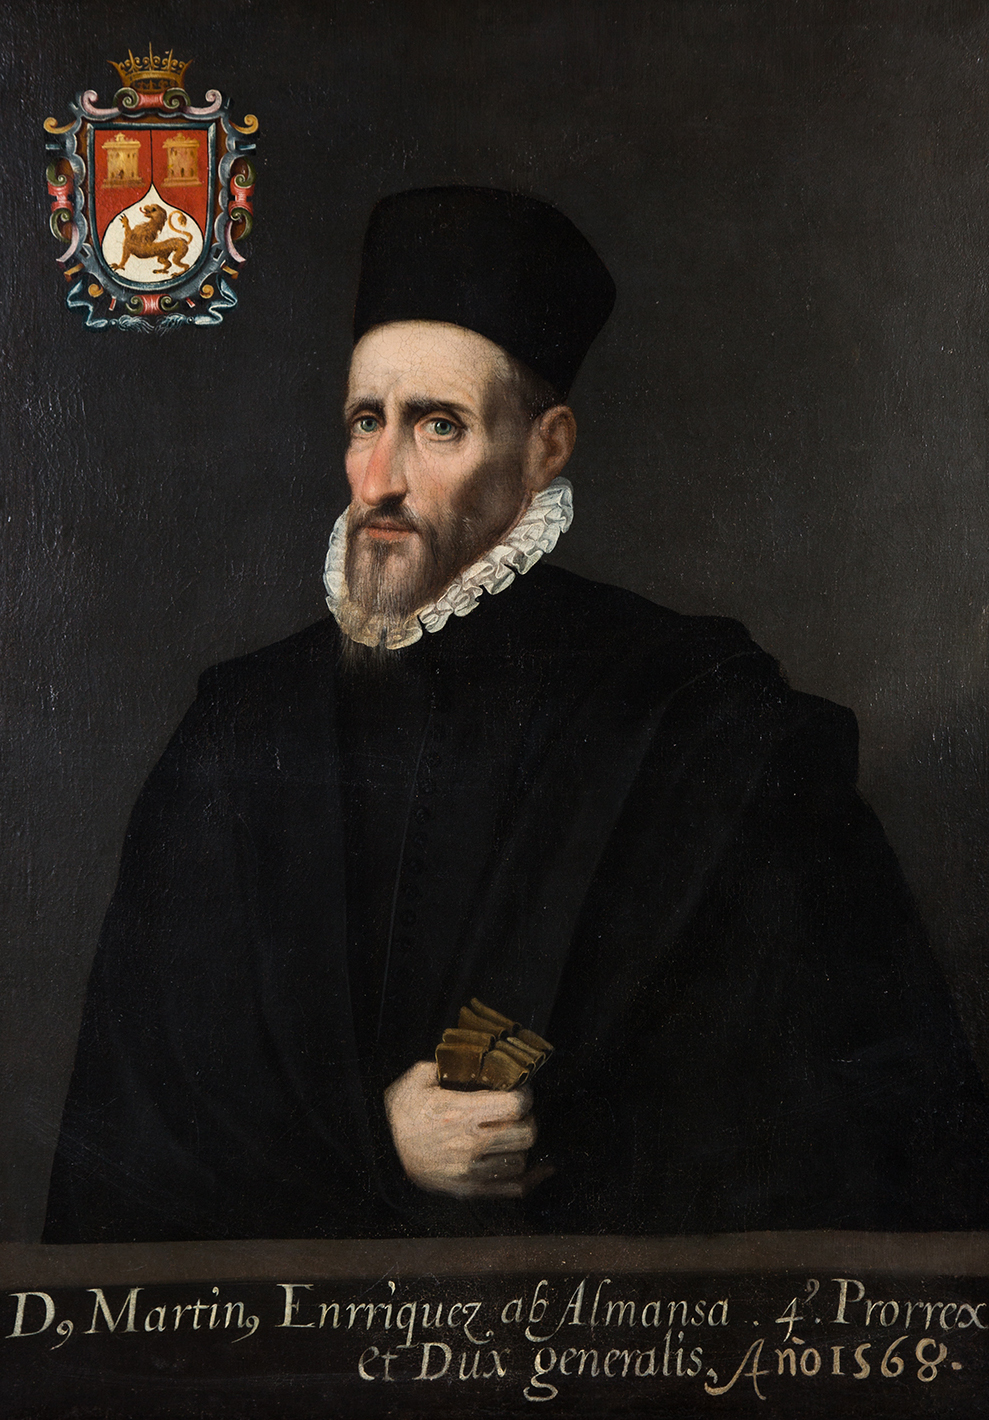 Martín Enríquez De Almansa Wikipedia La Enciclopedia Libre